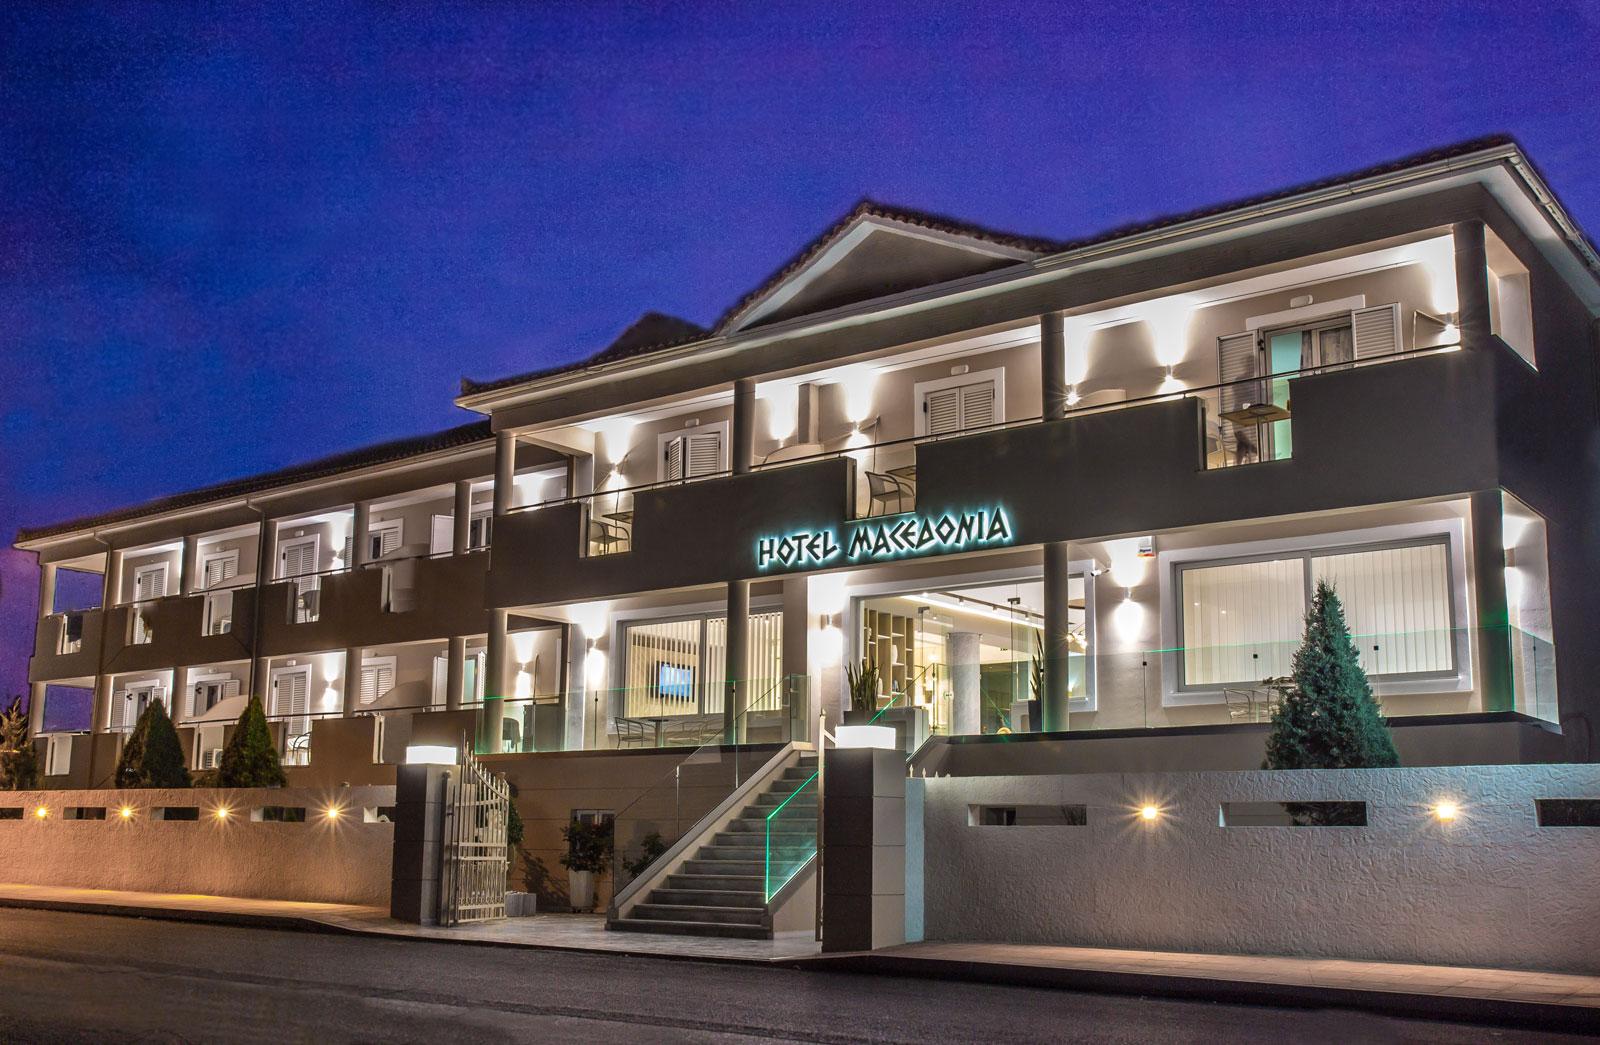 ΞΕΝΟΔΟΧΕΙΟ ΜΑΚΕΔΟΝΙΑ - MACEDONIA HOTEL